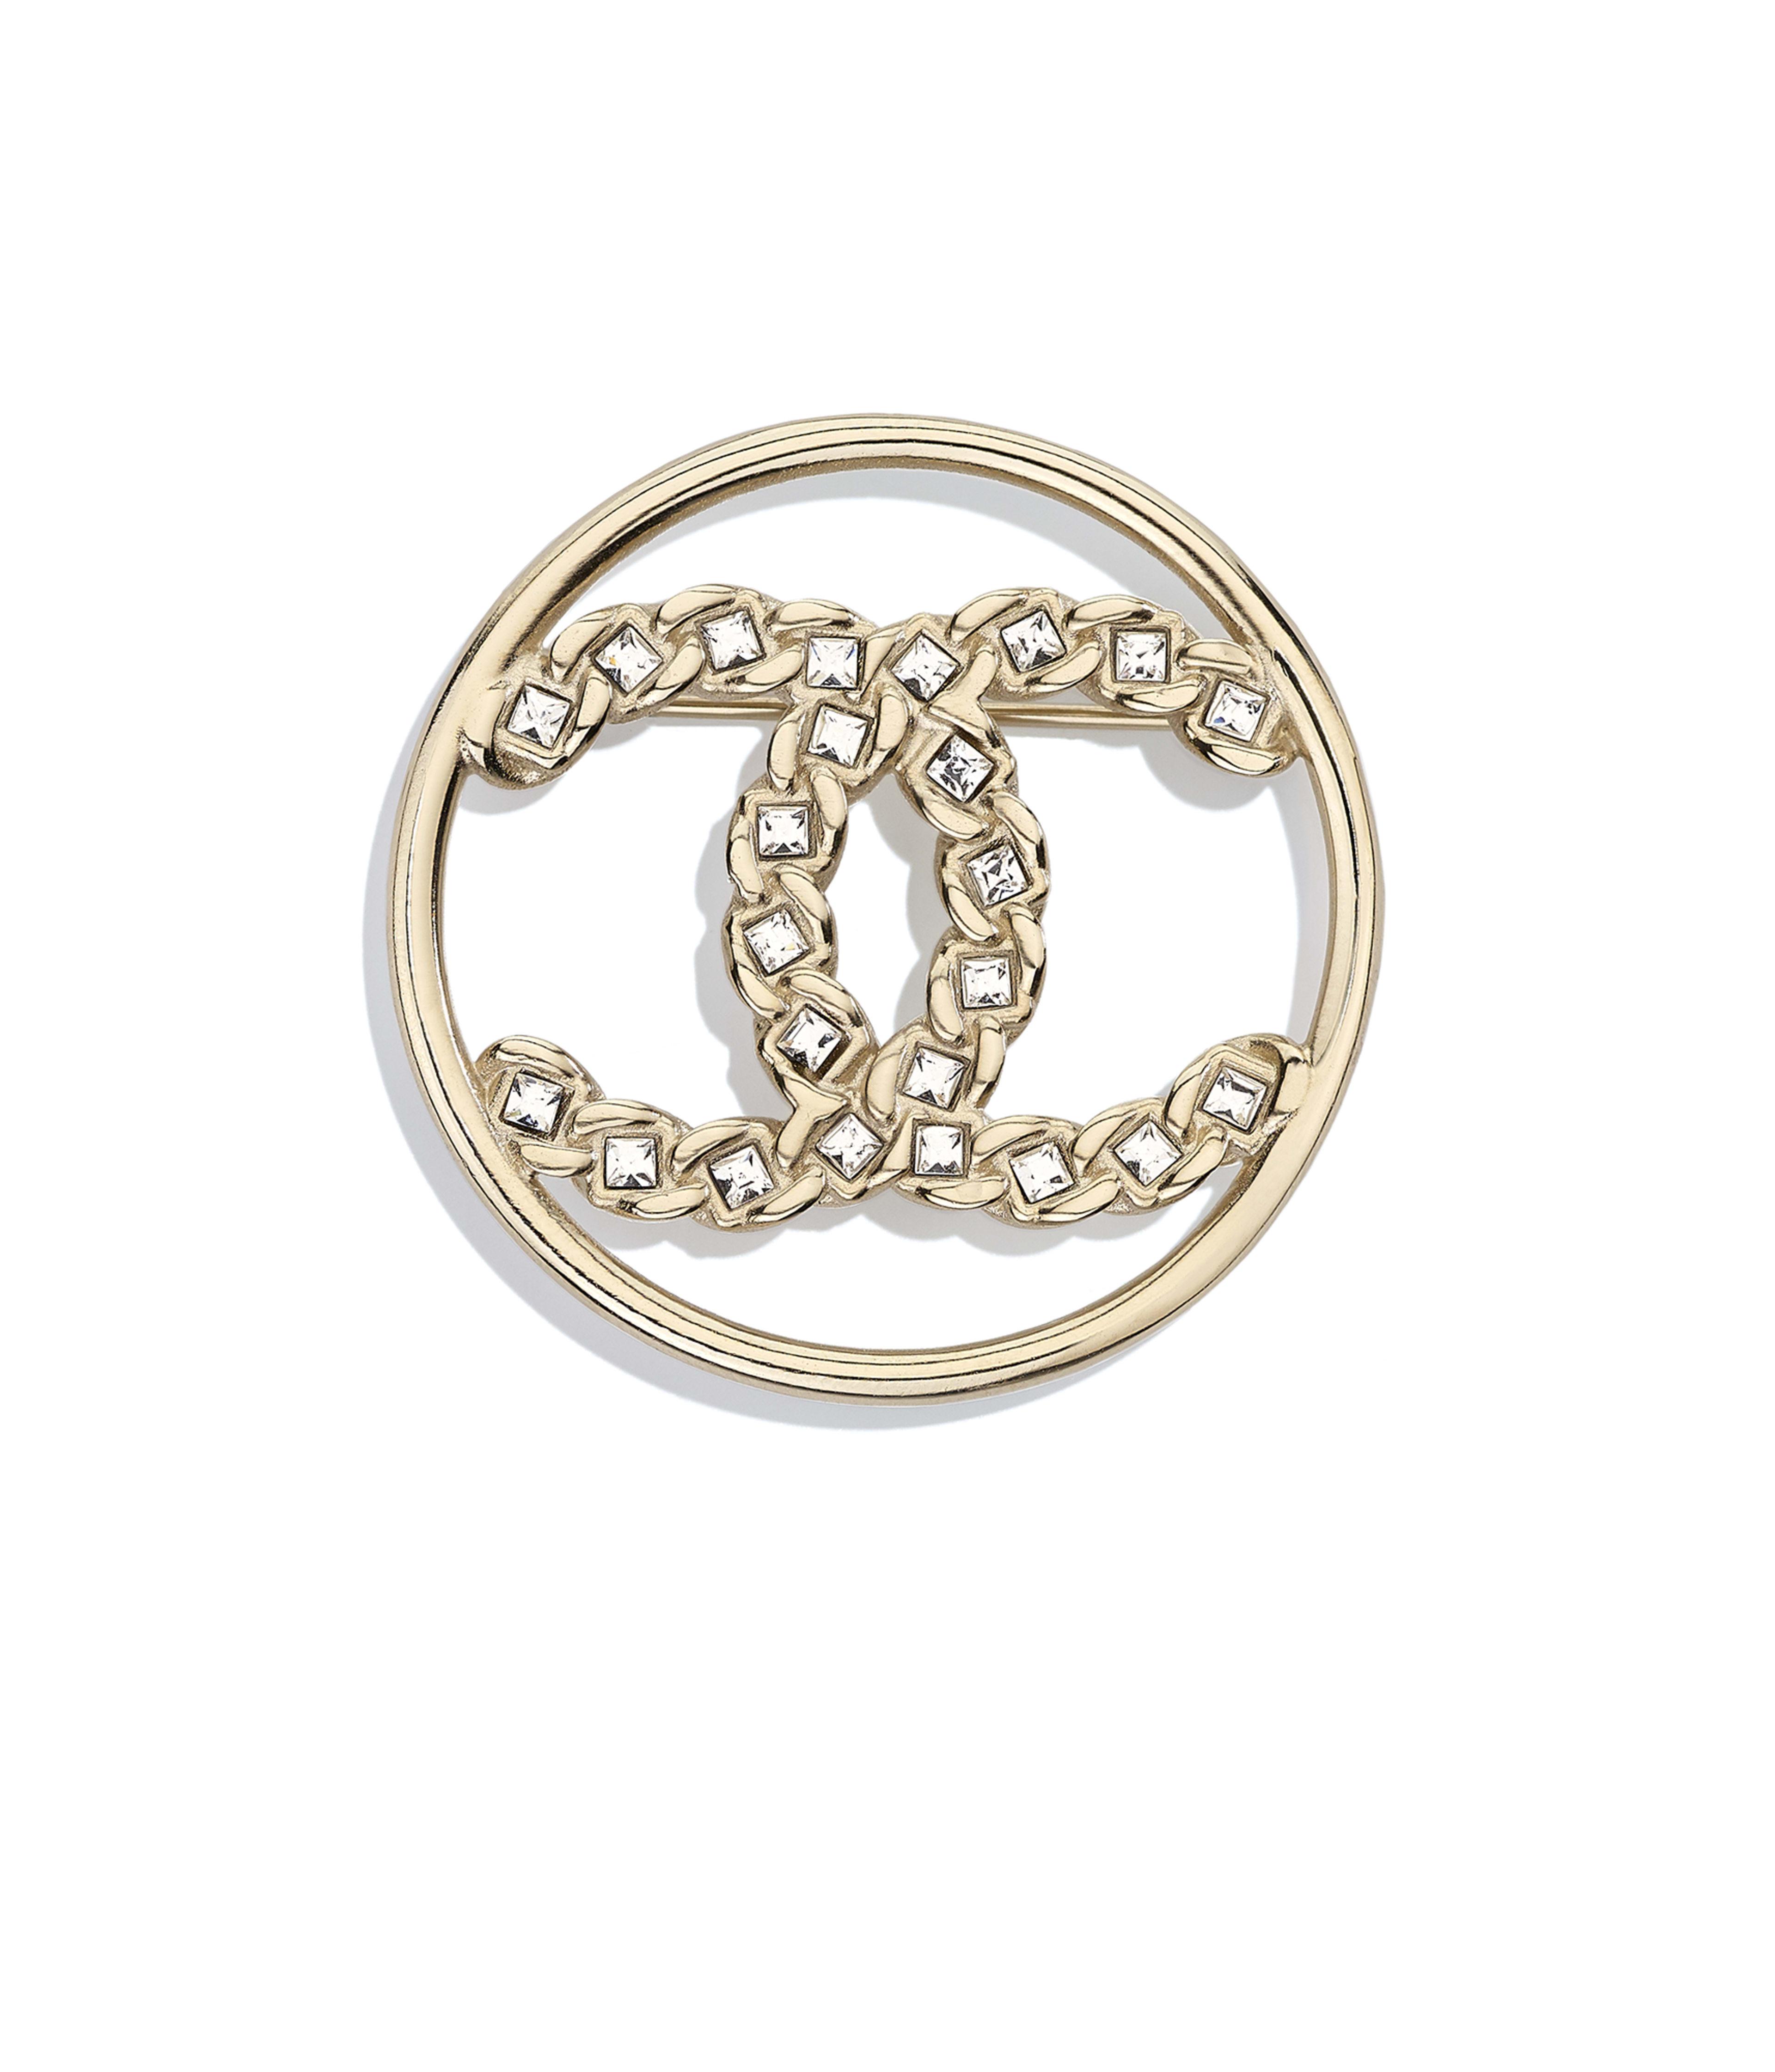 83c3526fdf83 Brooch Metal & Strass, Gold & Crystal Ref. AB0617Y02003Z5680